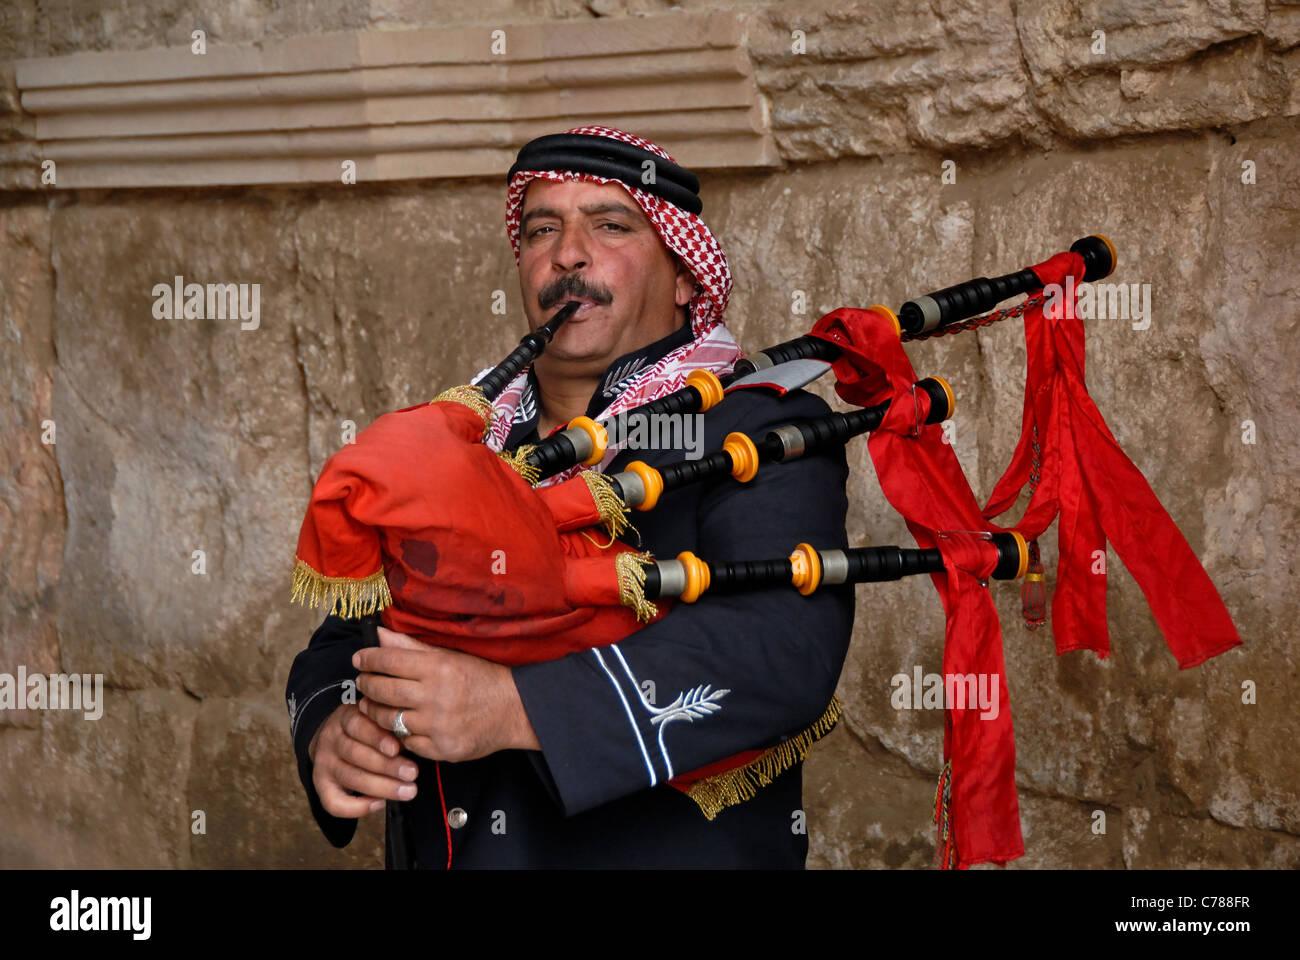 Jordanian gaiteiro rojo con una gaita contra una pared. Foto de stock